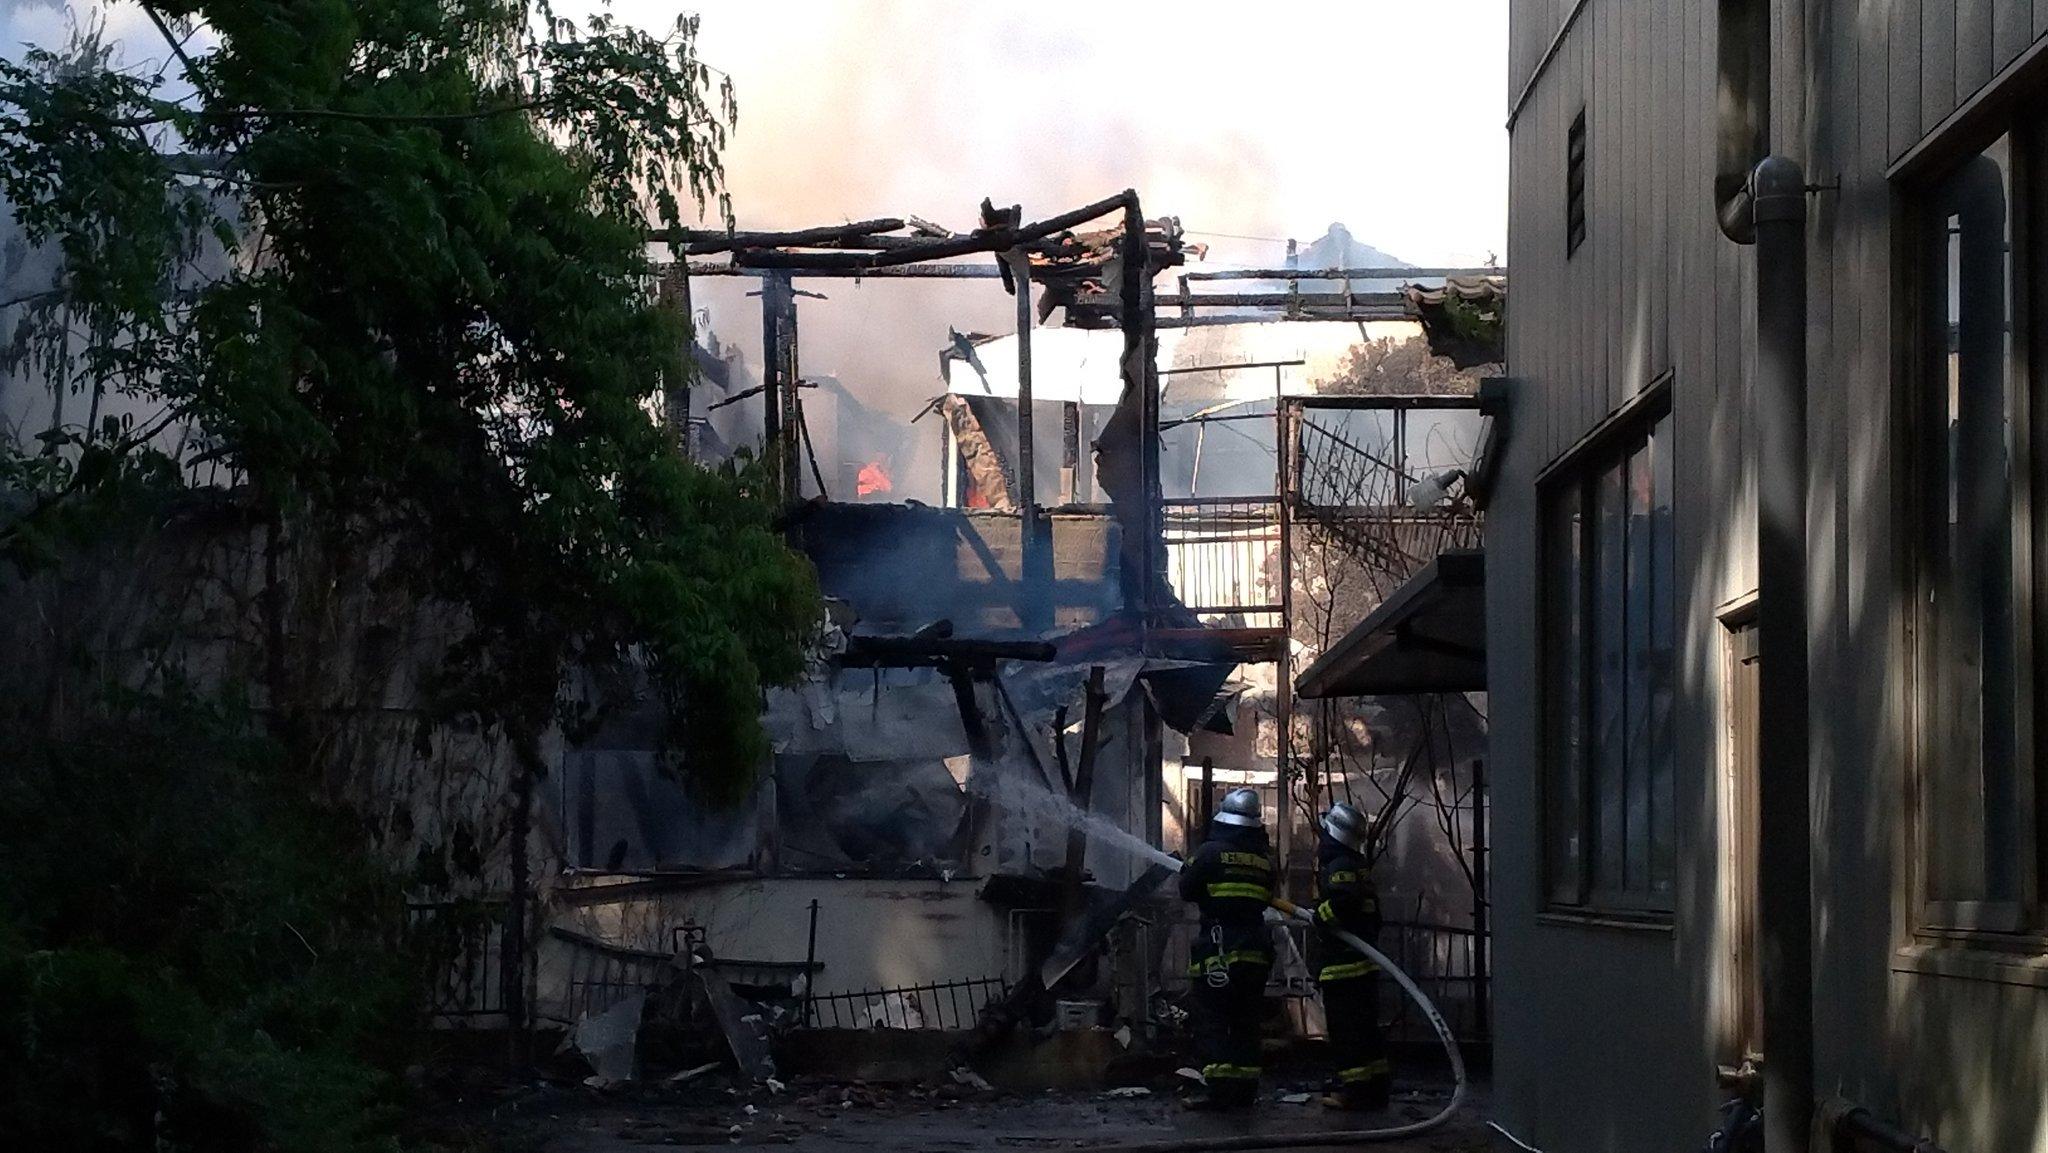 画像,近所の火事凄っかた2件ぐらい燃えた感あるね。けが人居ないことを願う https://t.co/d05wUi64qT。